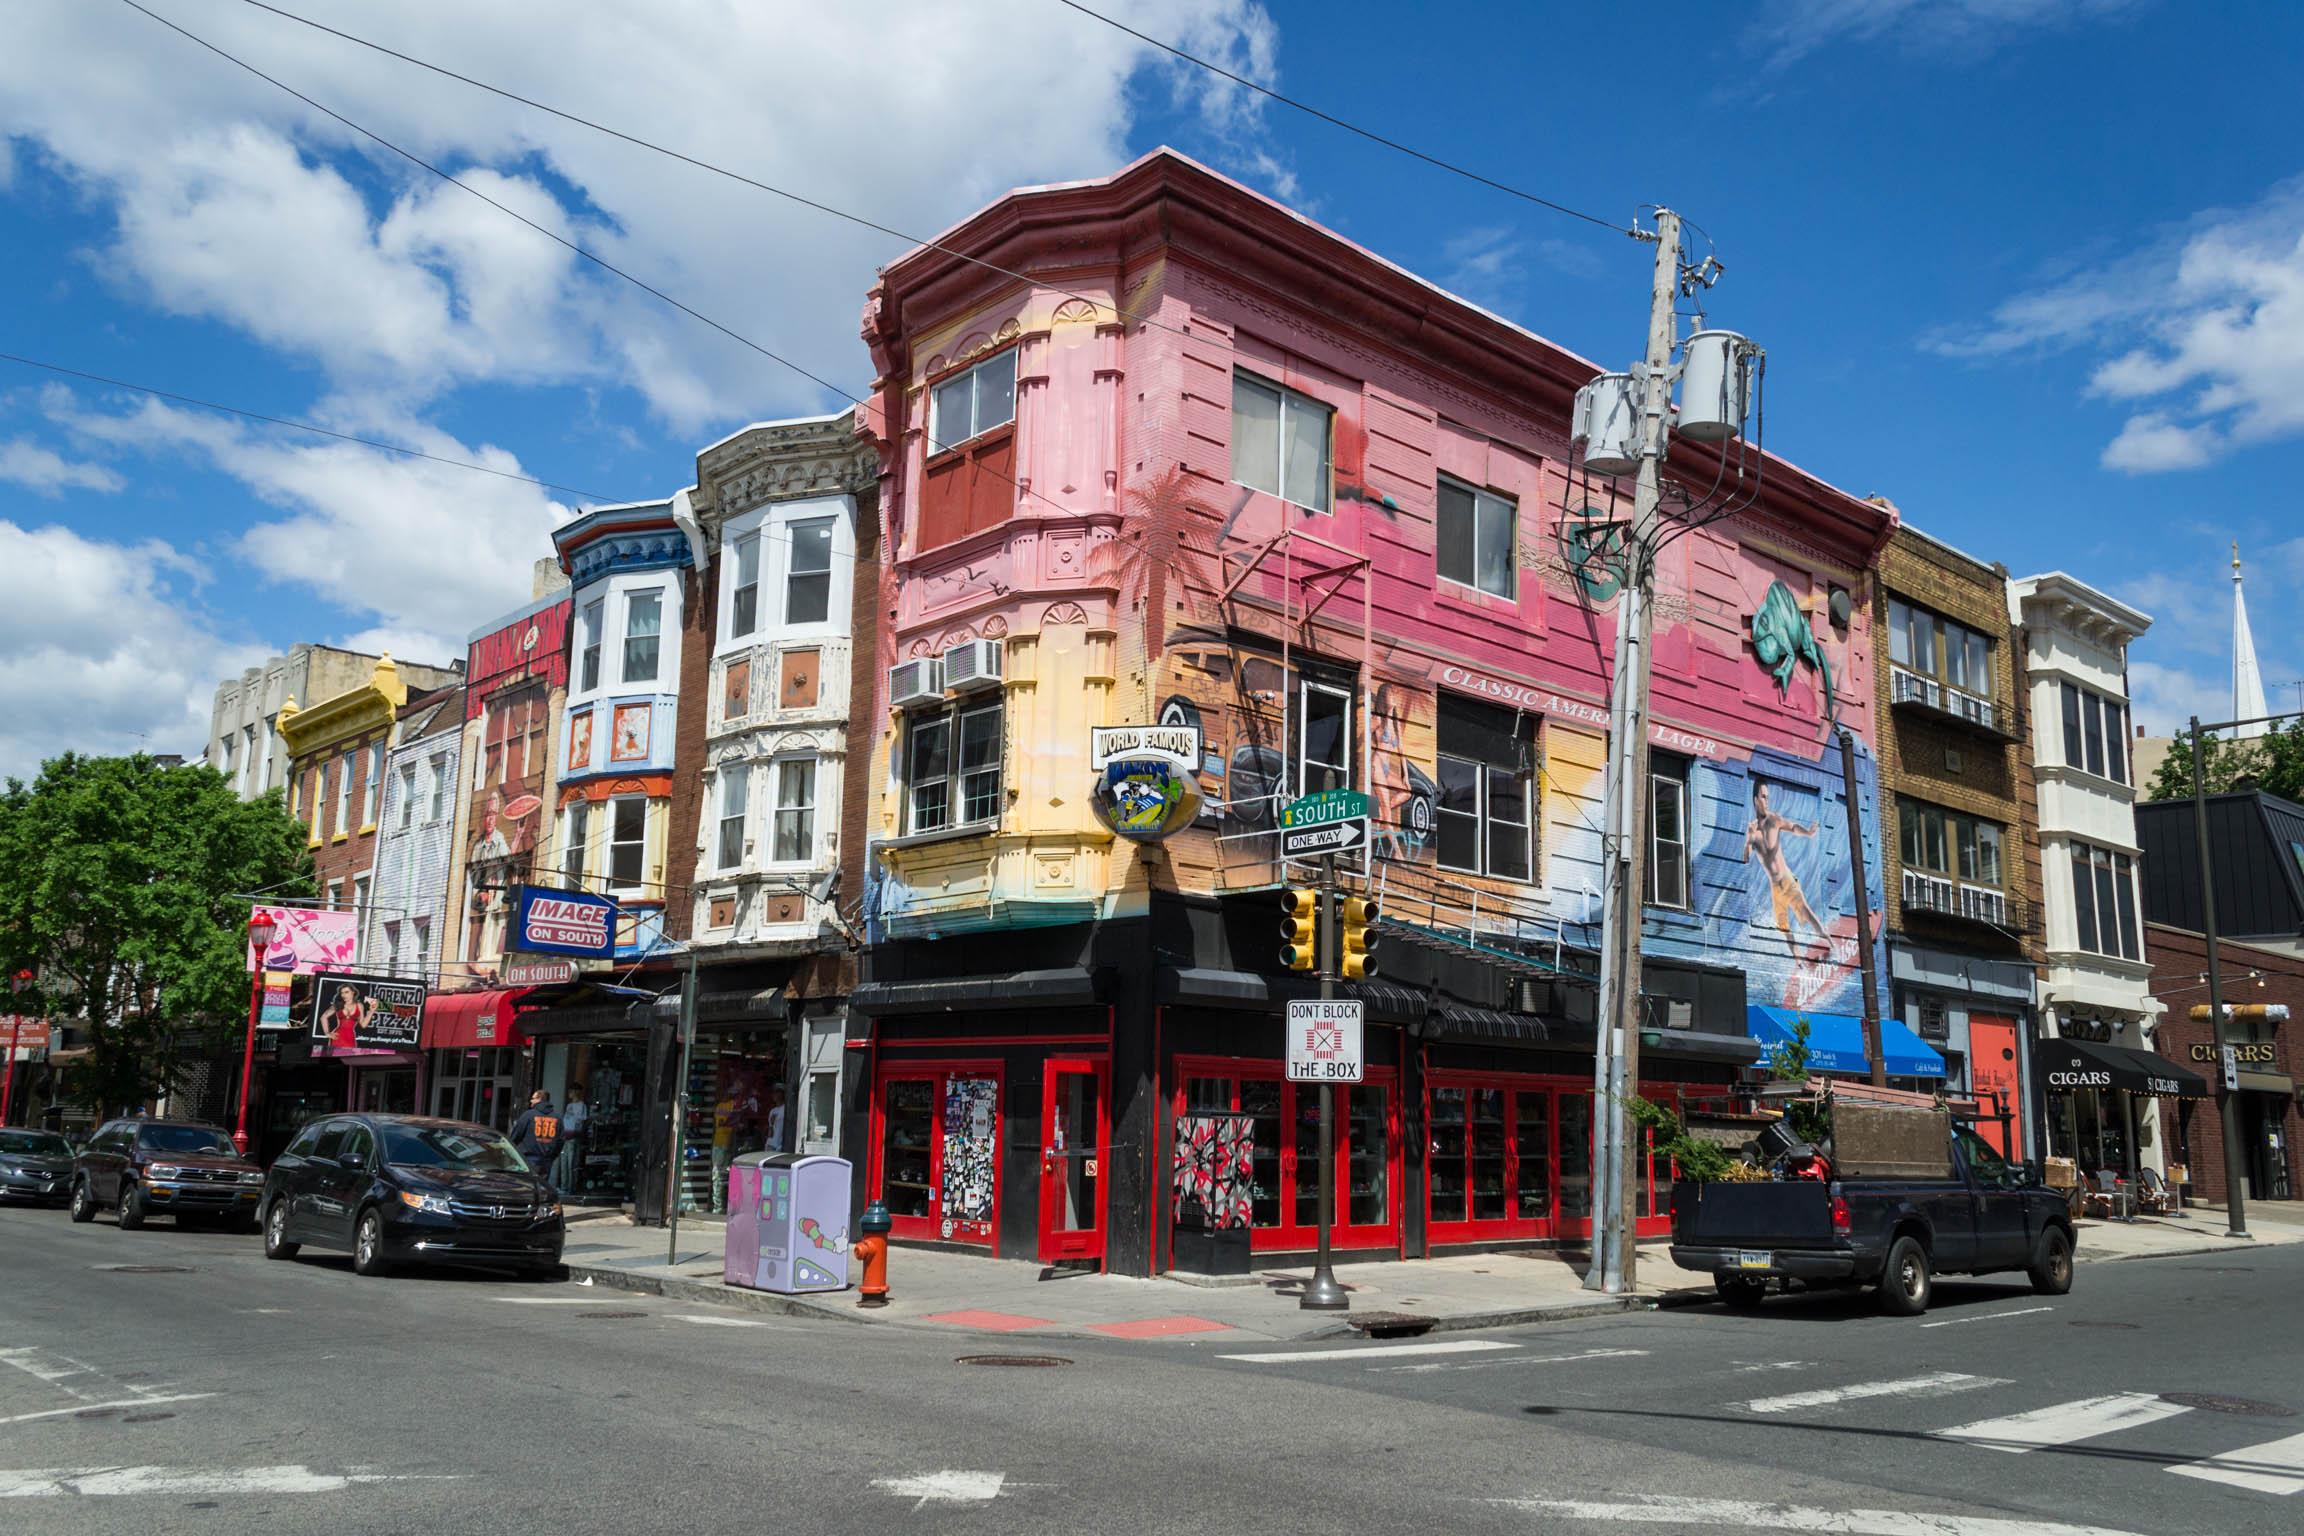 South Street regorge de maisons aux facades hallucinantes